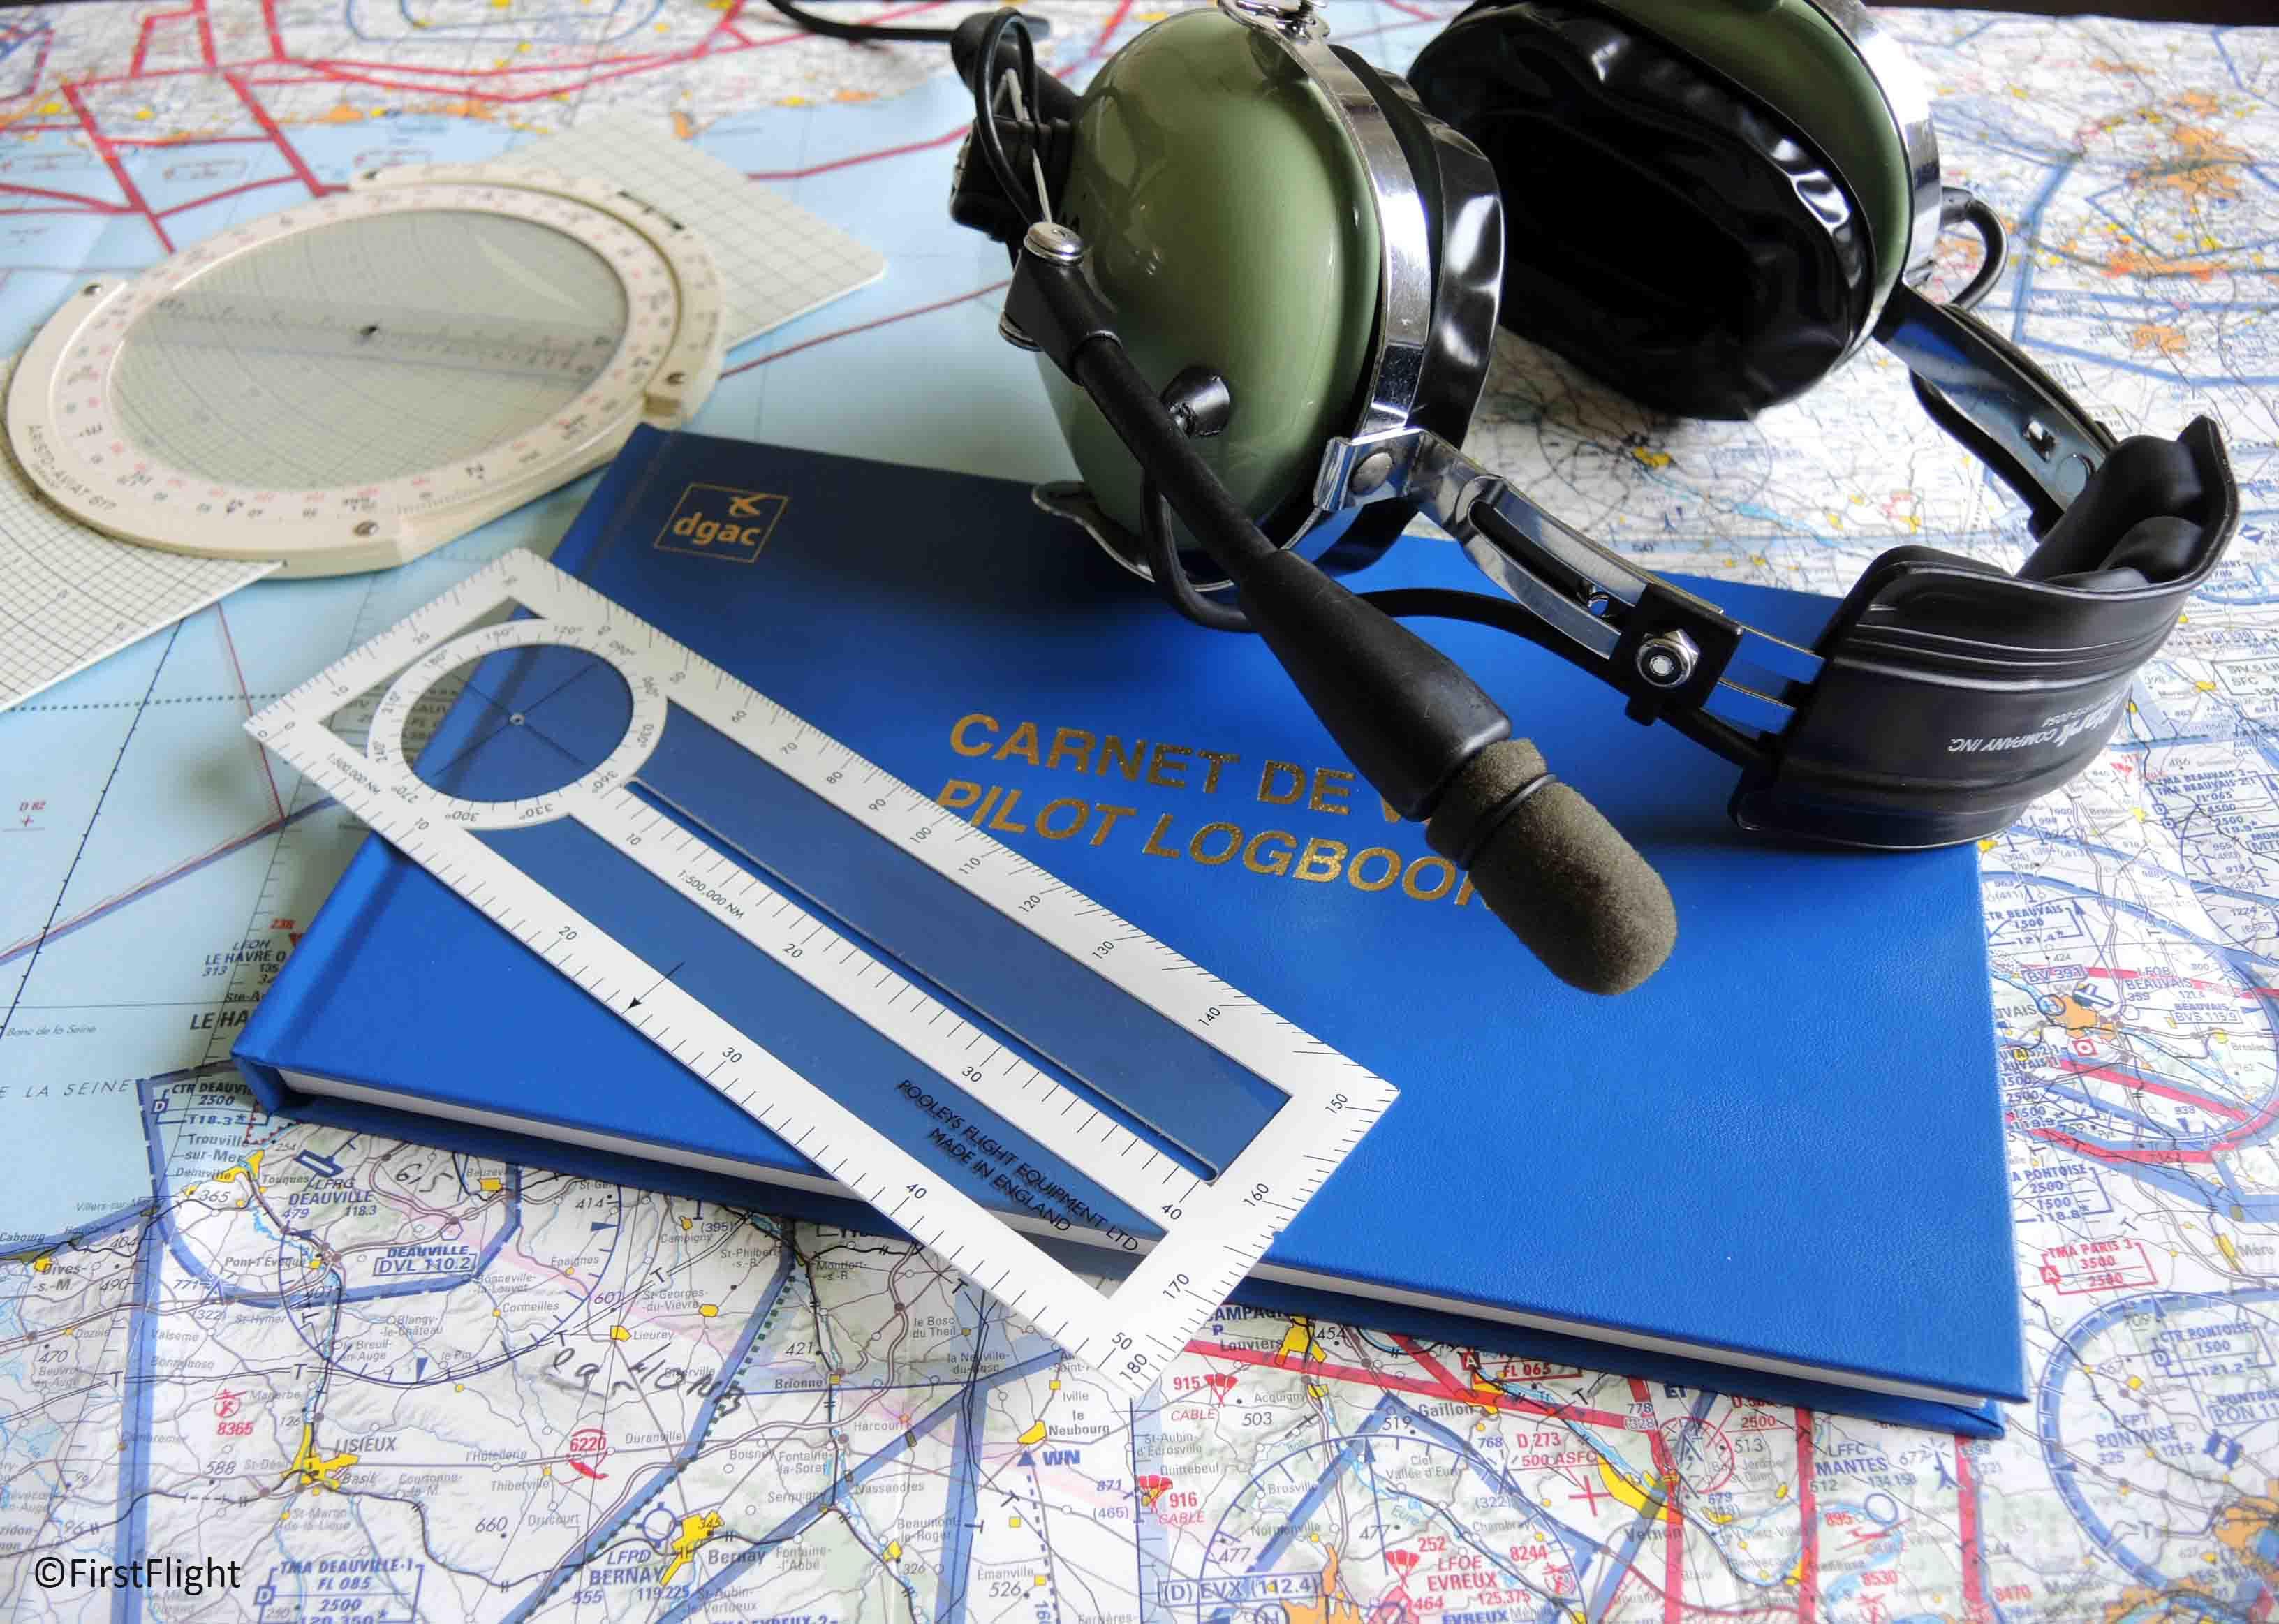 Carnet de vol et casque pilote avion